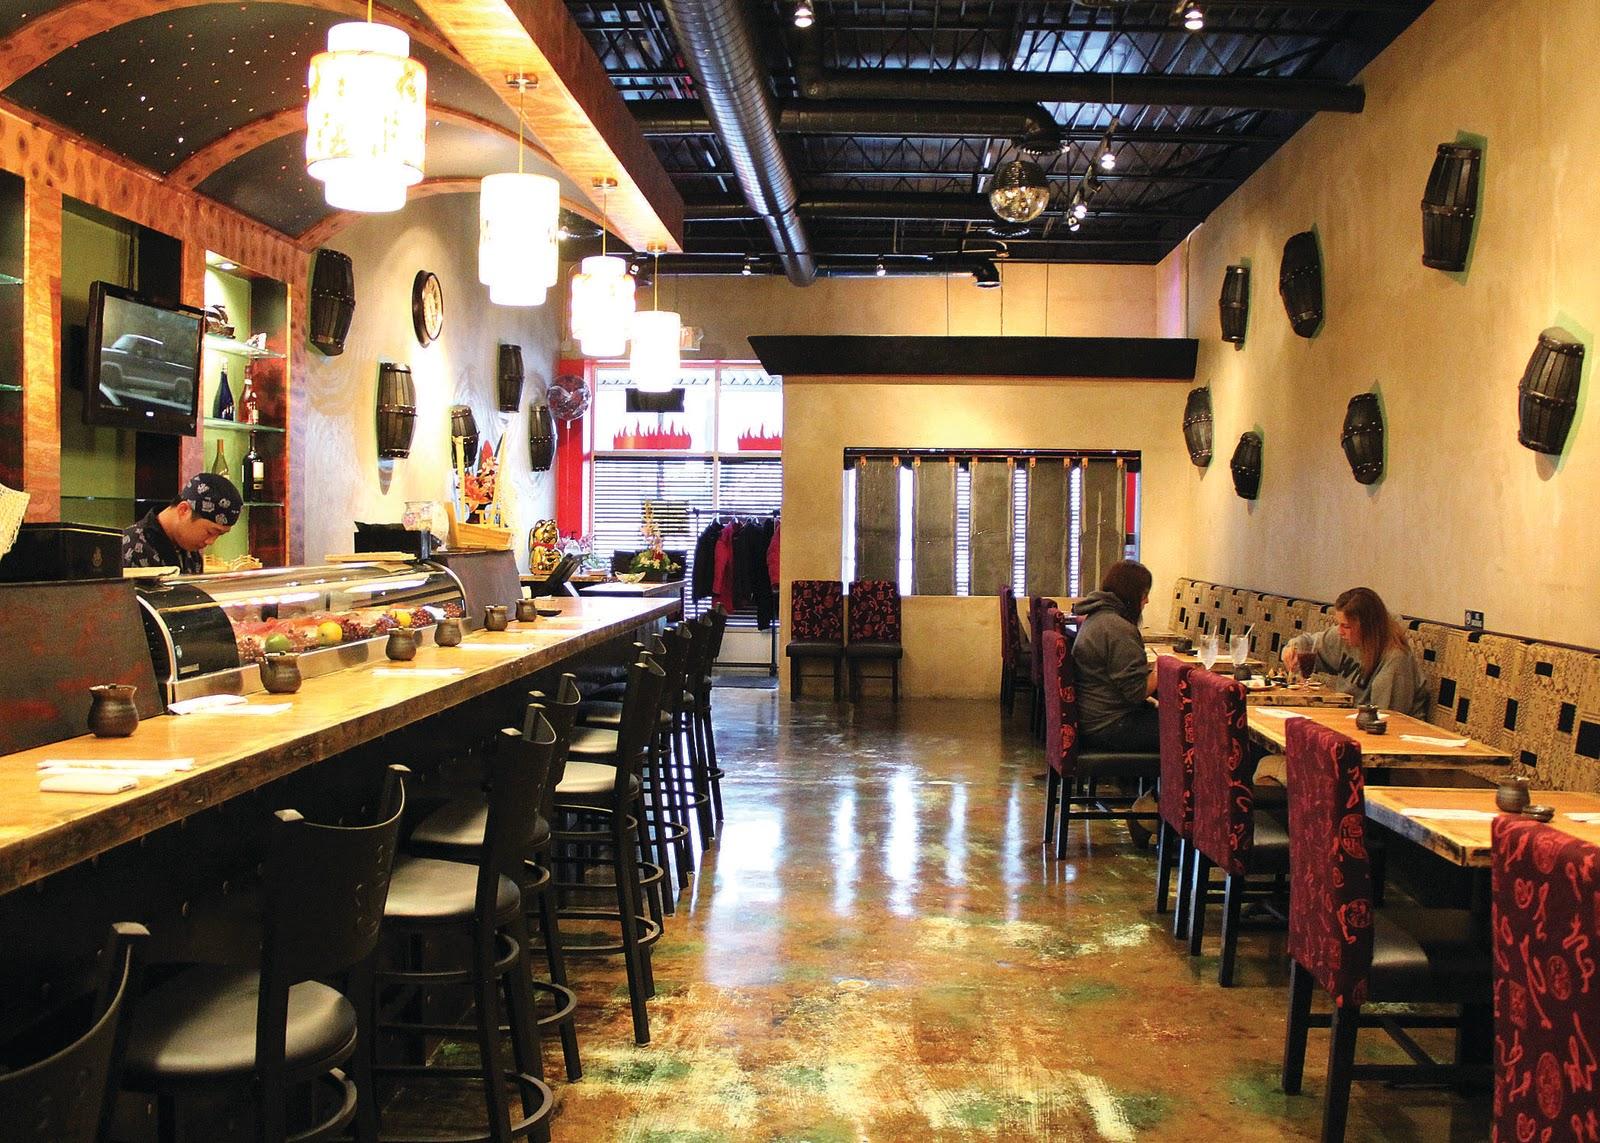 Best Restaurants In Morgantown Wv